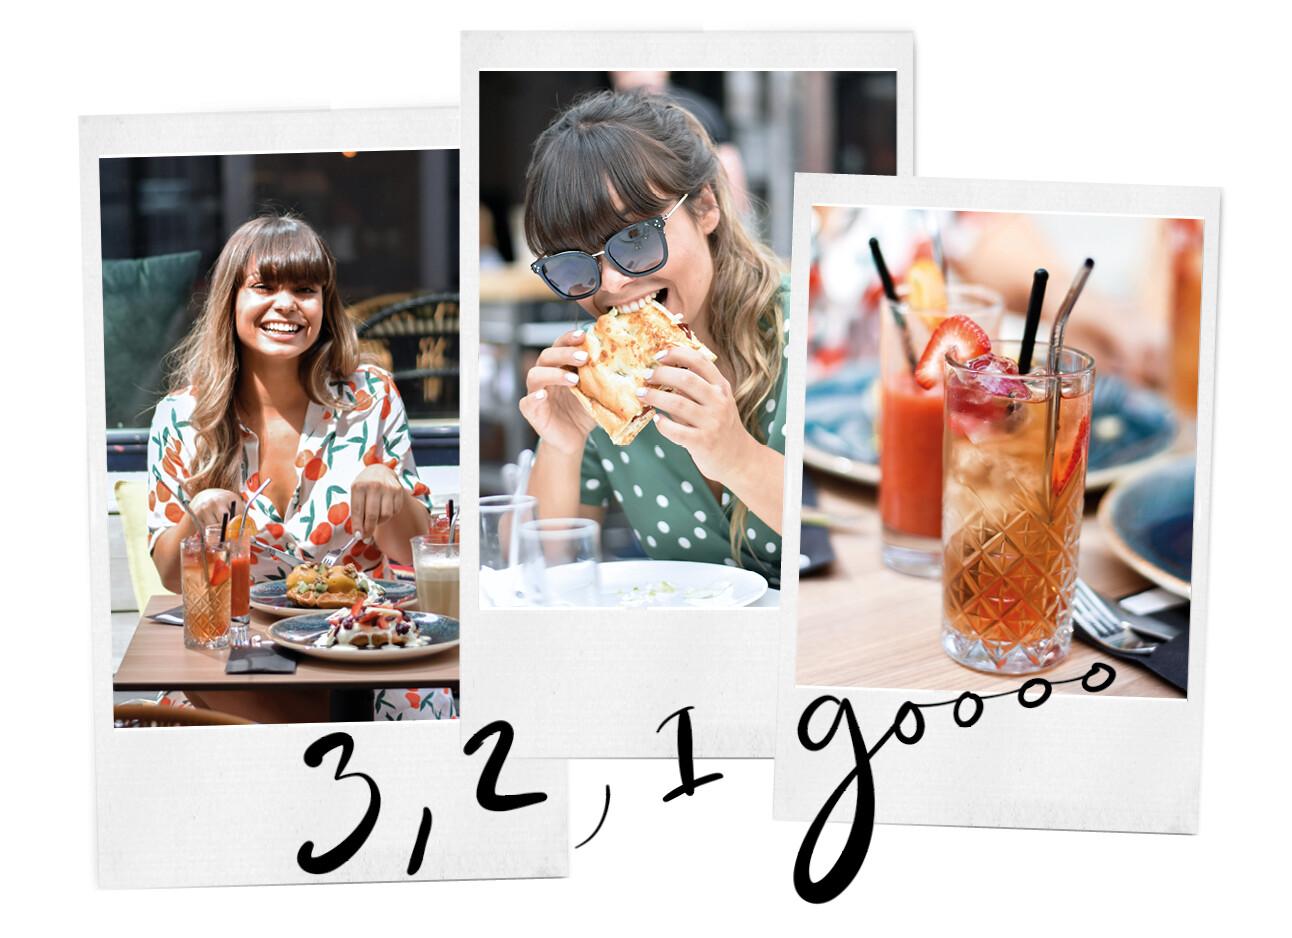 Kiki op een terras met eten en drinken